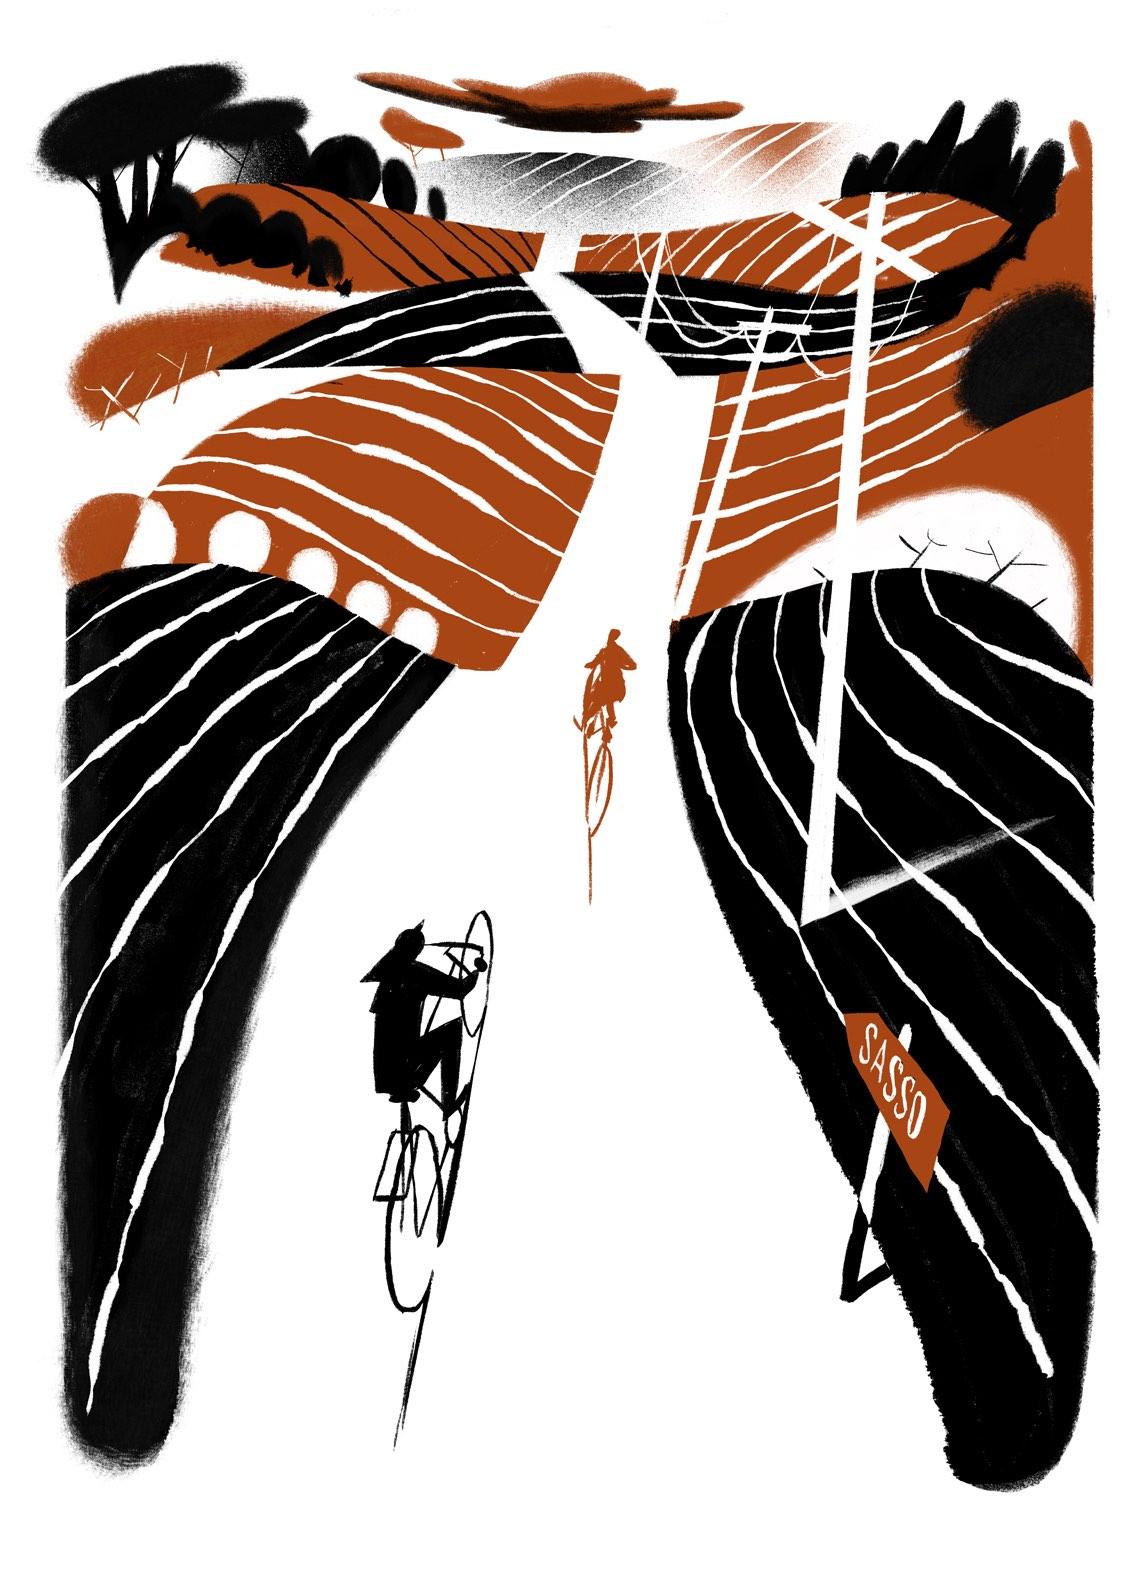 Otto Racconti in Bicicletta Riccardo Guasco_Guerrini_urbancycling_7